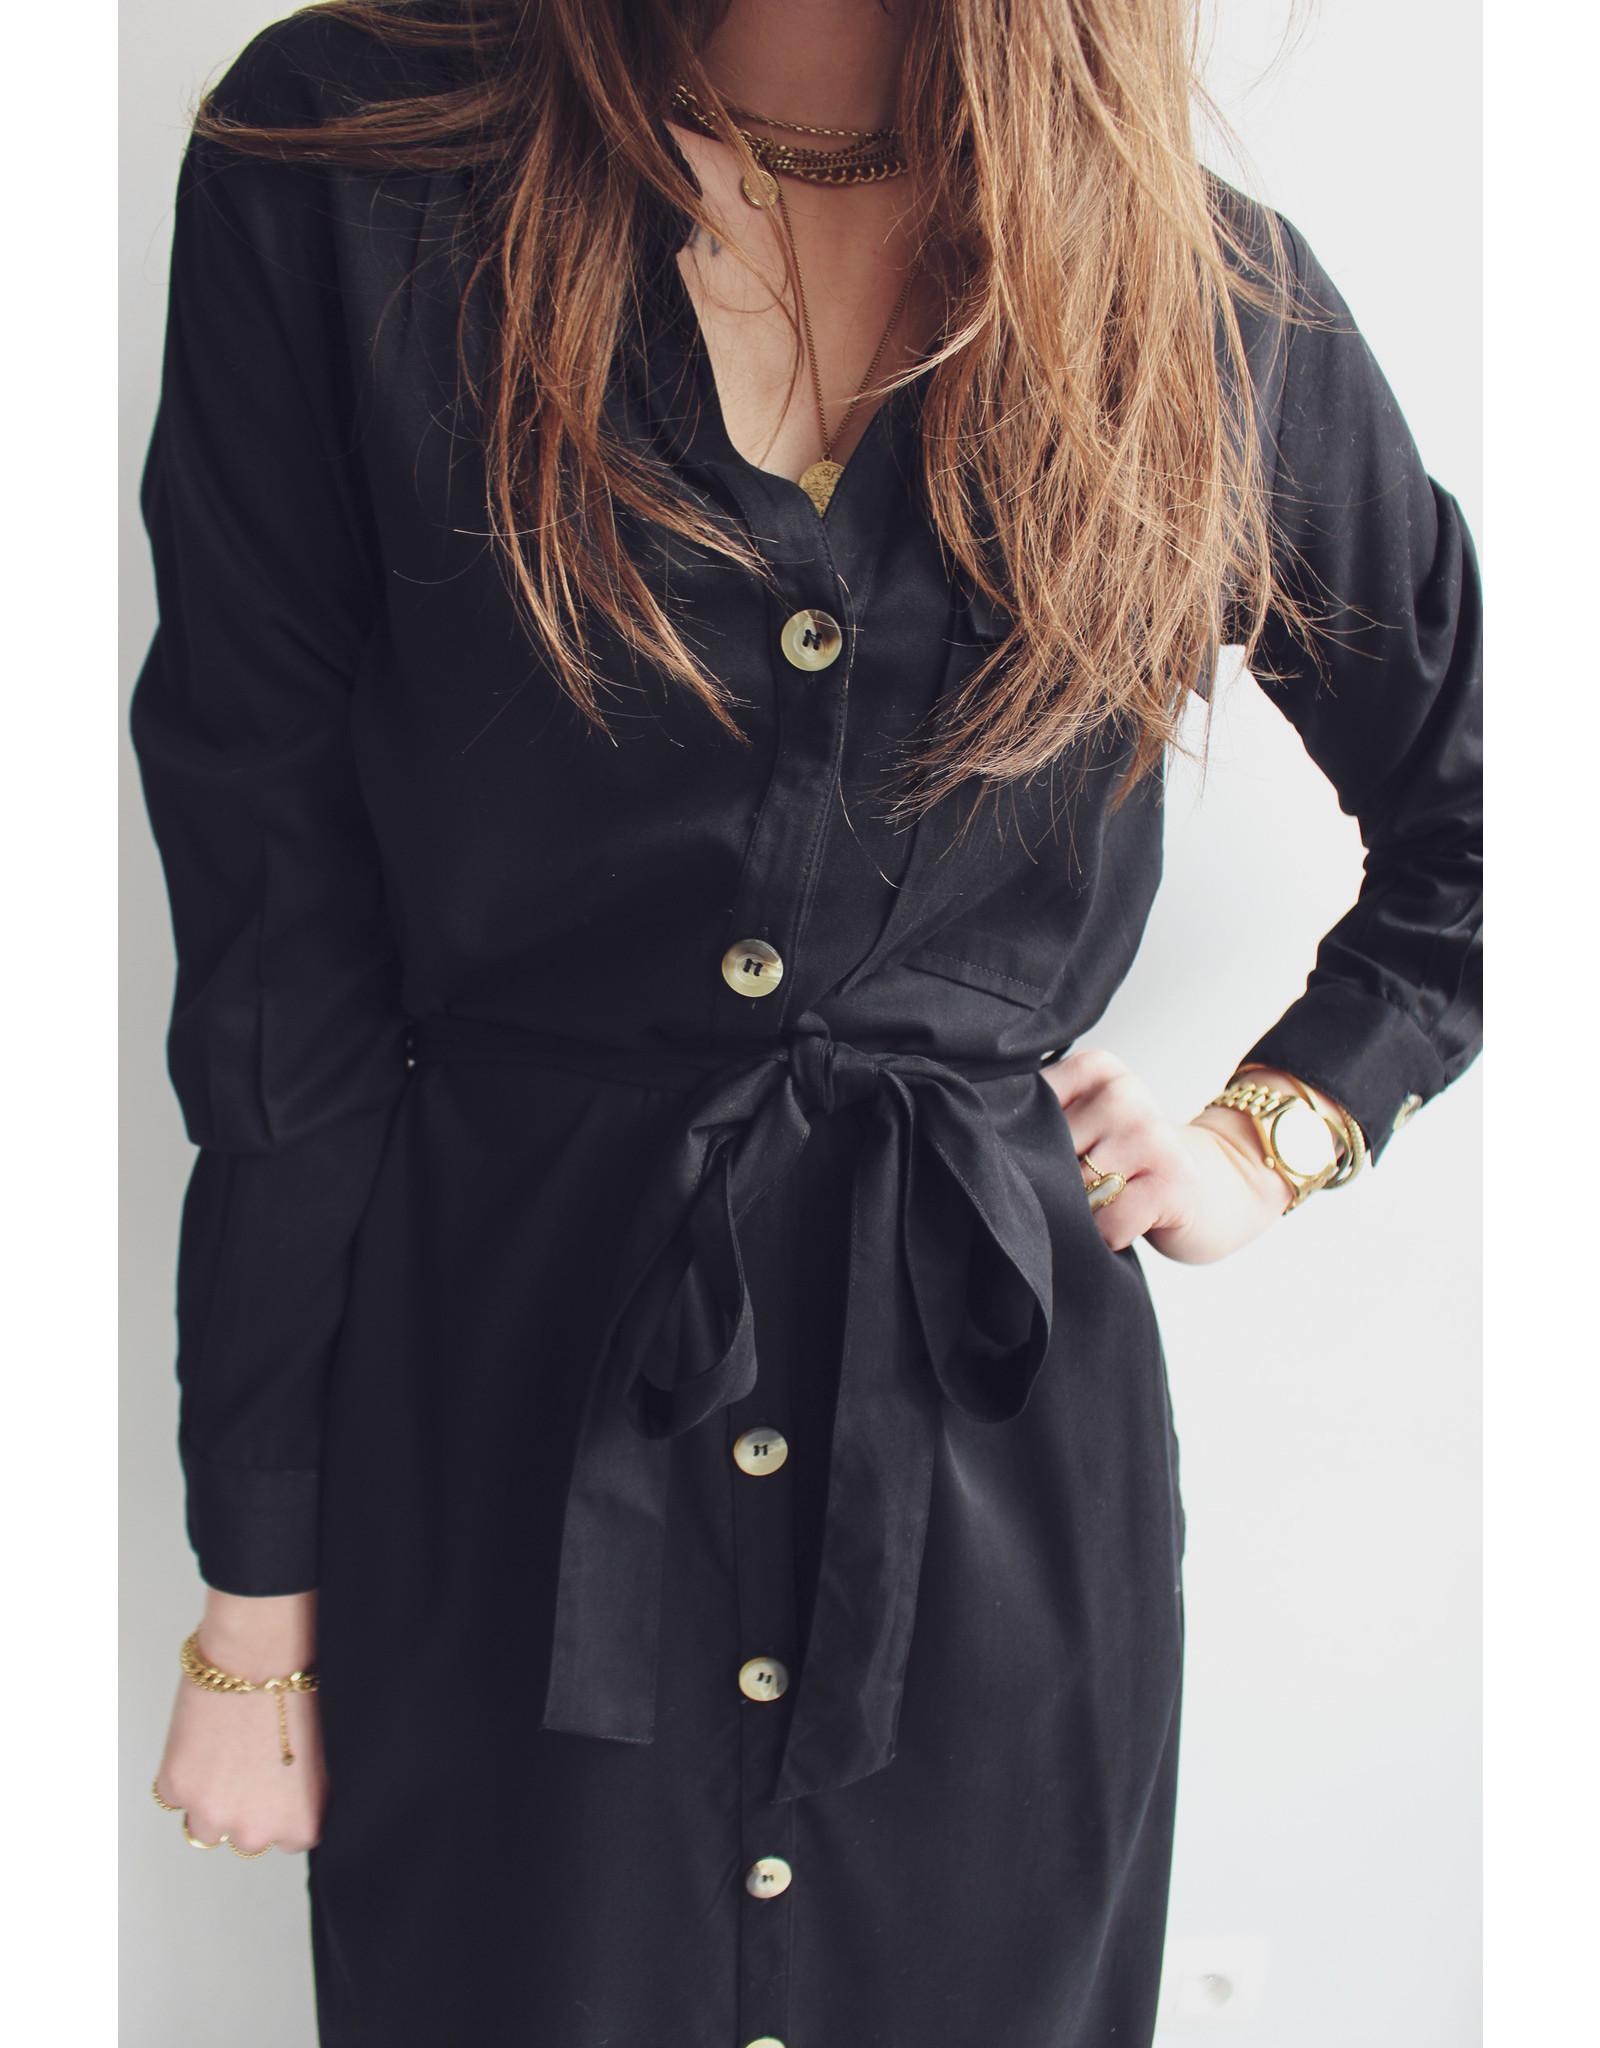 MW Evita Dress/ Cardigan Black